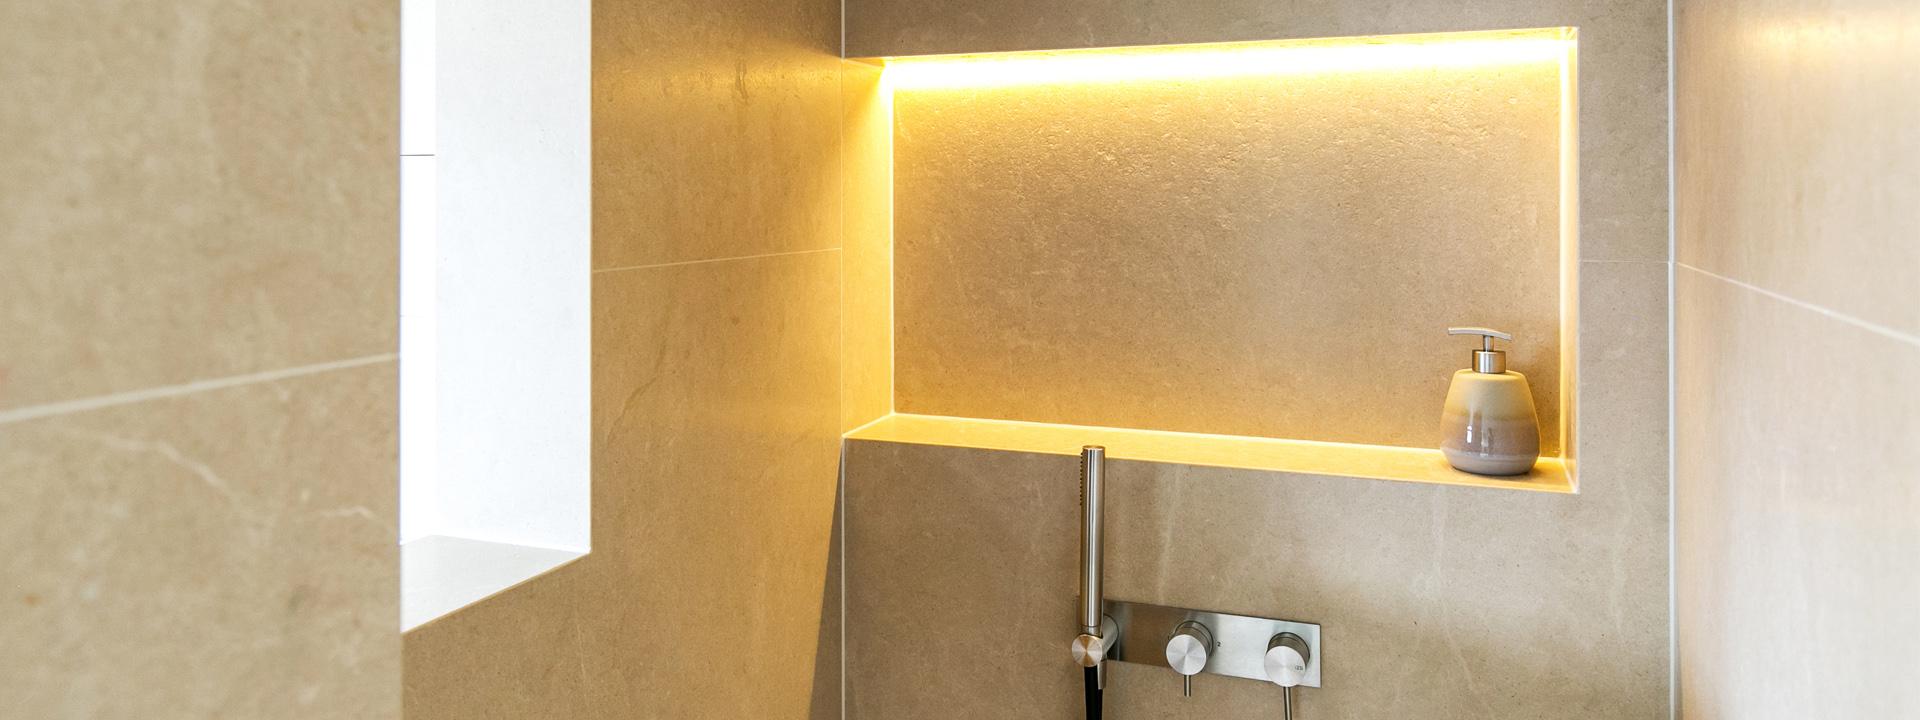 Badezimmer Singen Badmanufaktur Gschlecht